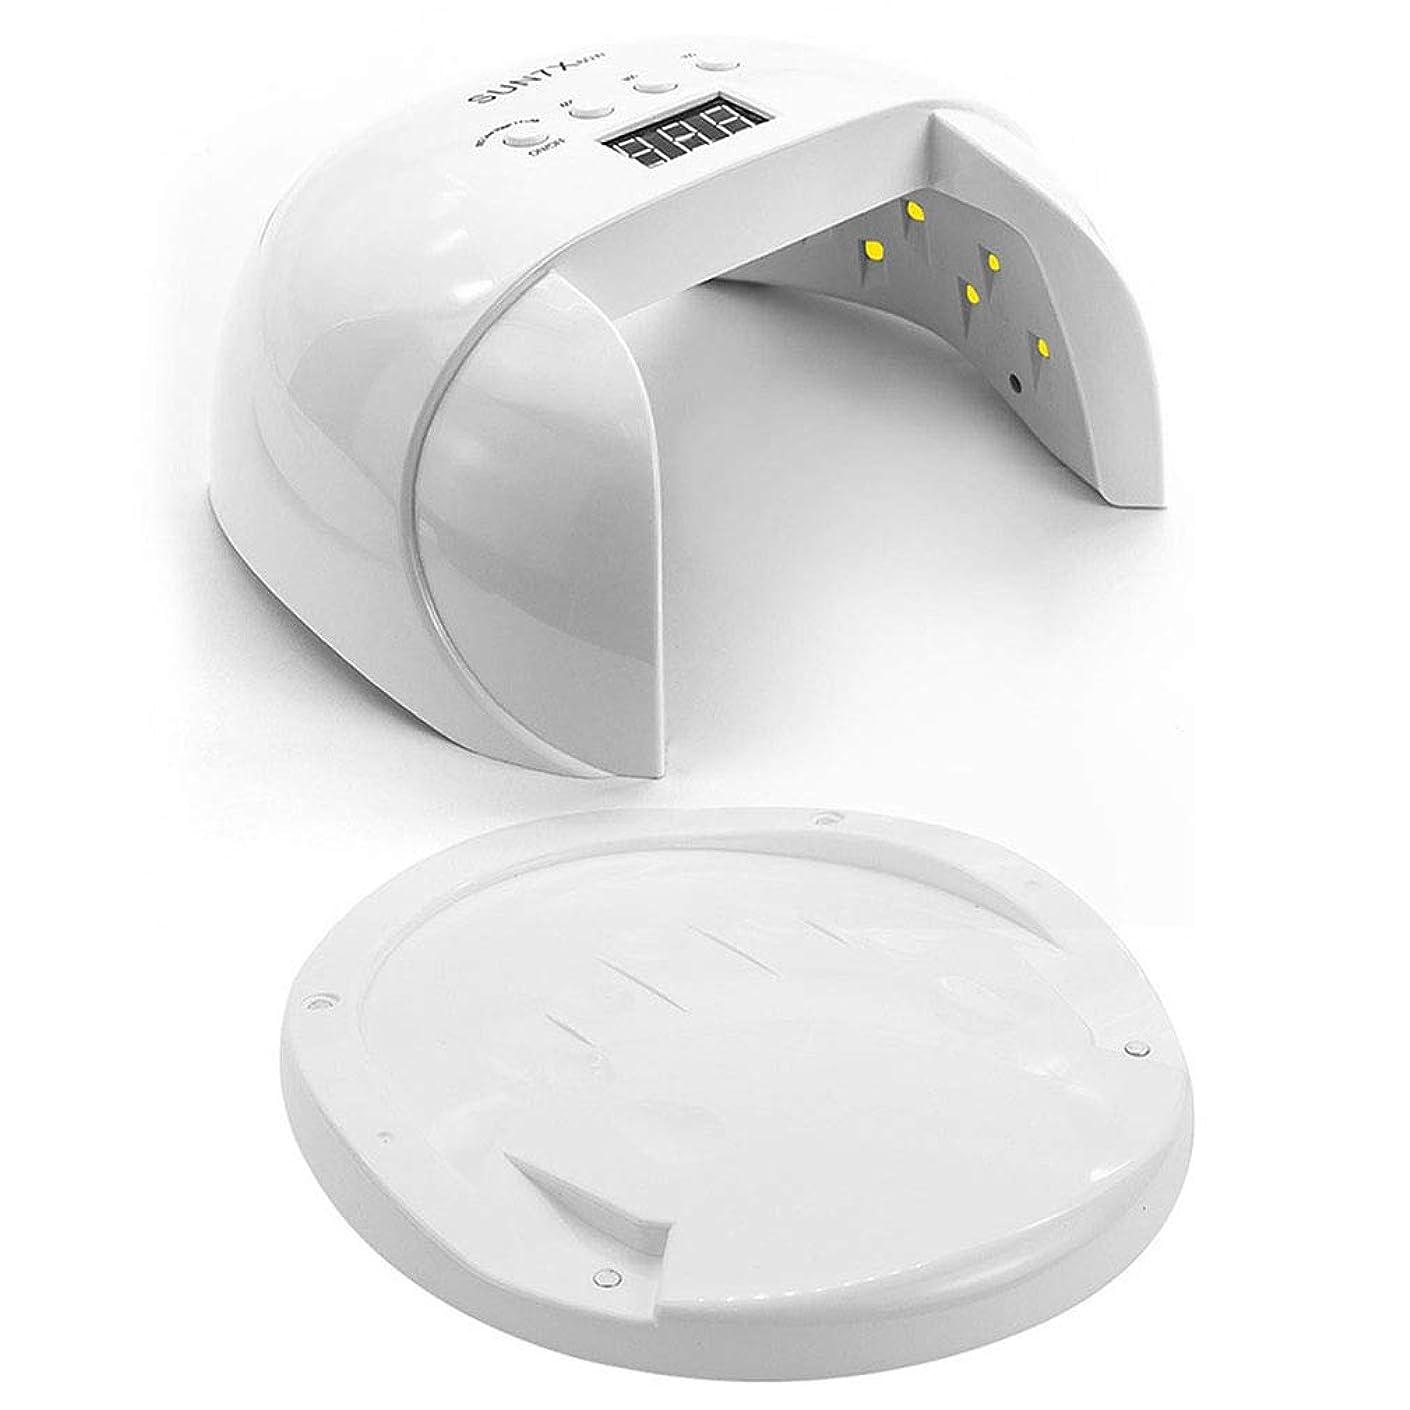 60ワットネイルドライヤー、タイマー付きネイル用ポータブルLED/UVランプ、赤外線センサー、LCDディスプレイ、すべてのジェルに適して